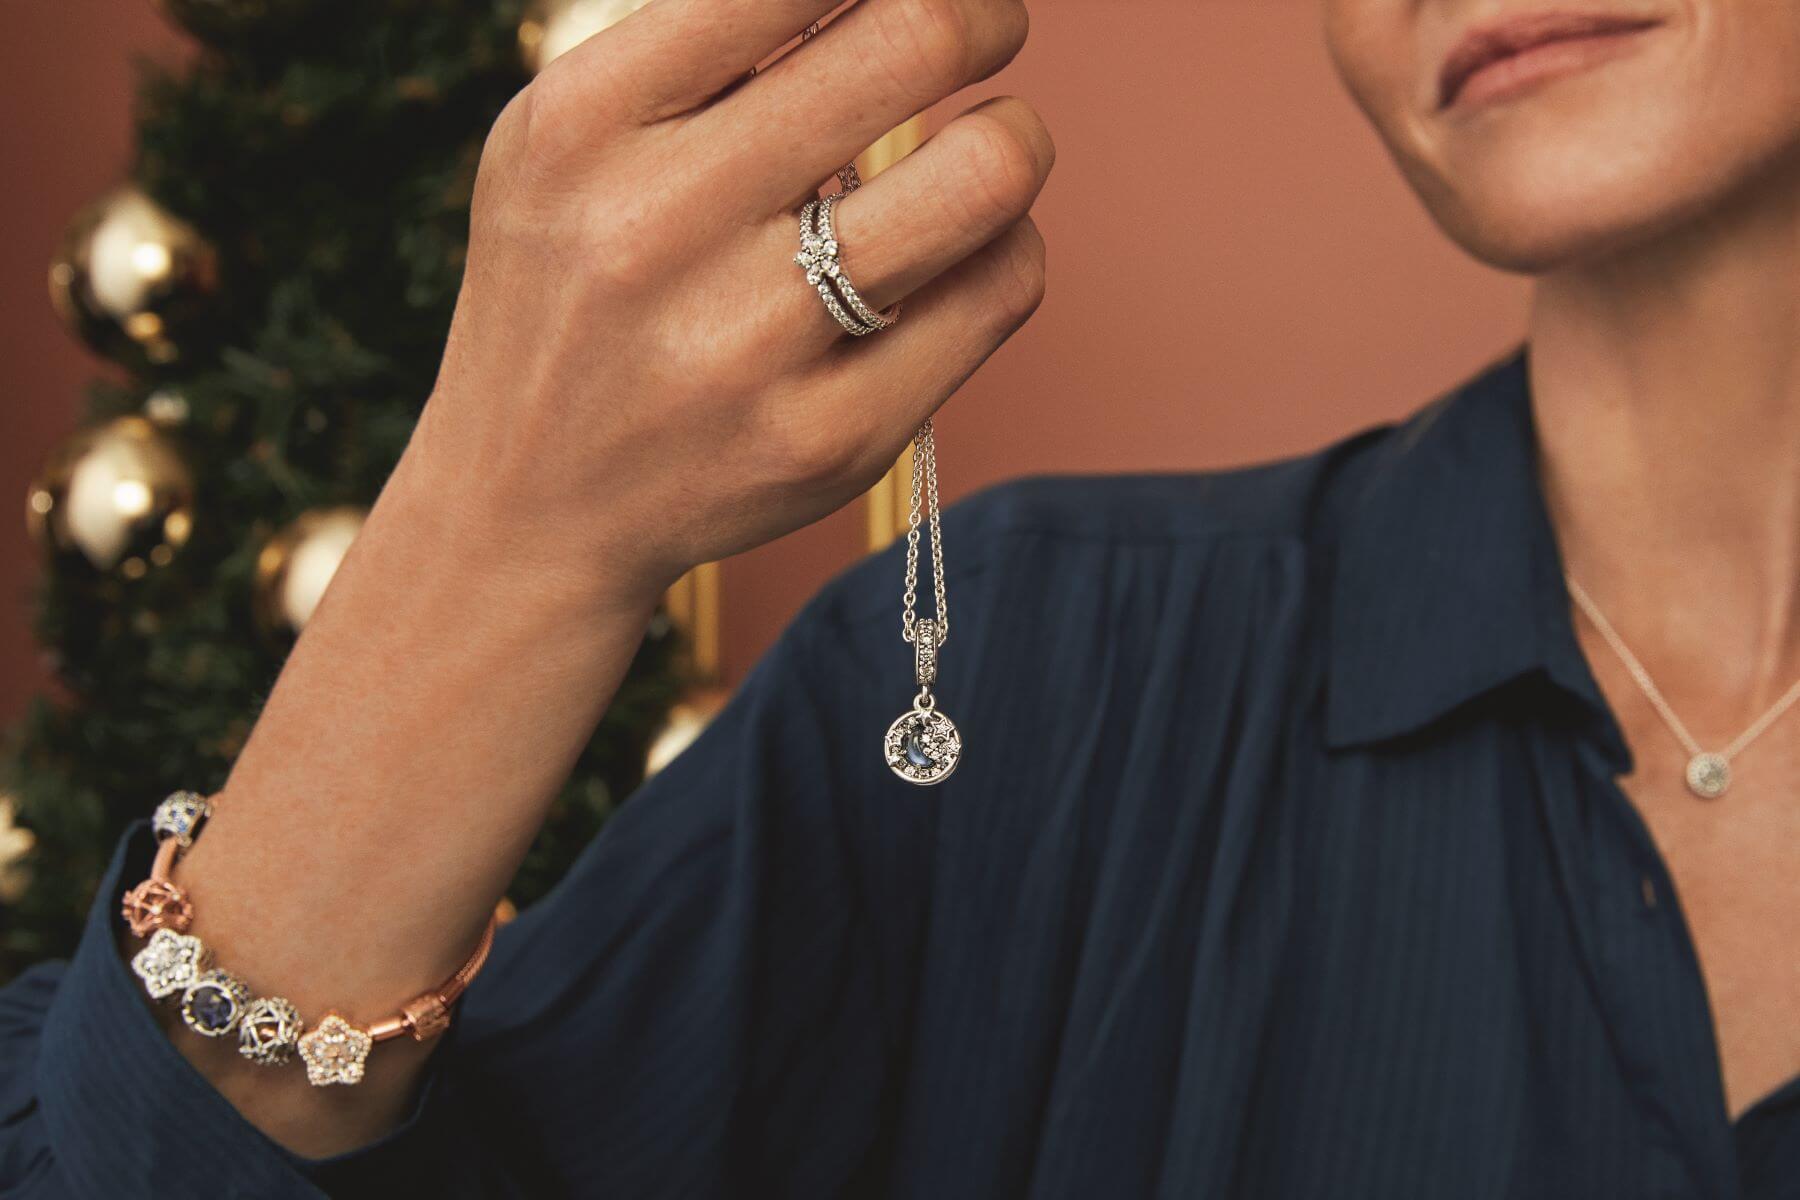 星形雪花圖案主題珠寶系列,巧妙地結合浪漫星宿及充滿冬日色彩的雪花設計,此圖案更代表着溫暖之意,在這佳節送給至愛友好,猶如為對方送上祝福和溫暖。